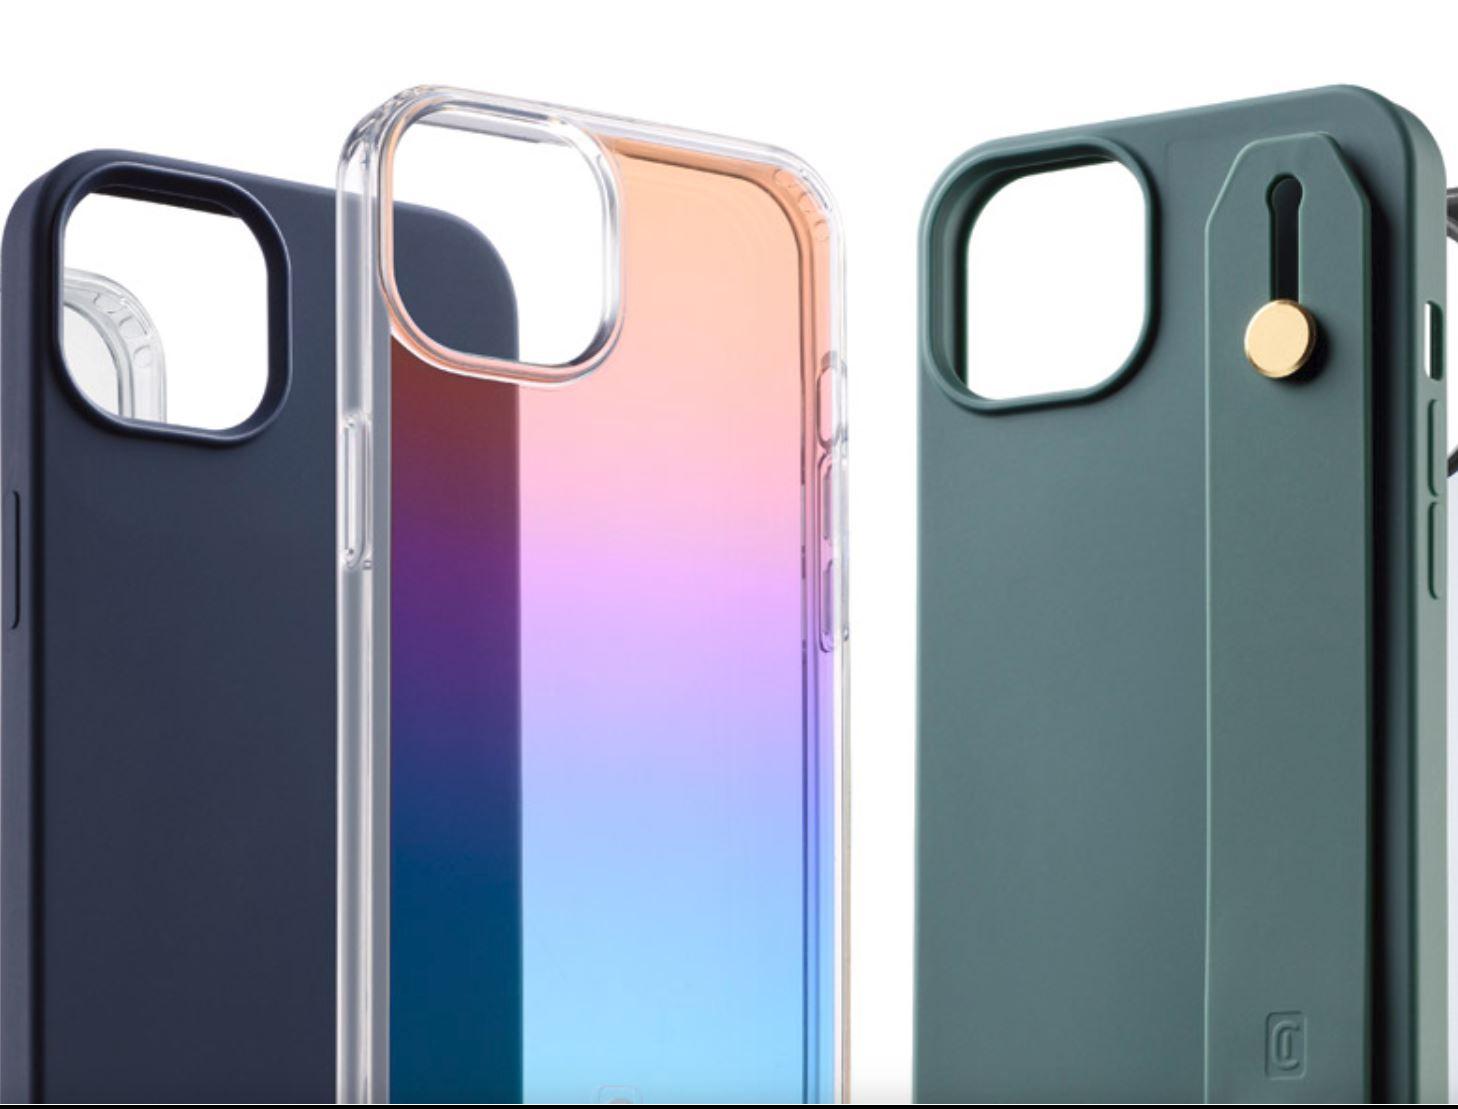 Accessori iPhone 13: queste le proposte di Cellularline